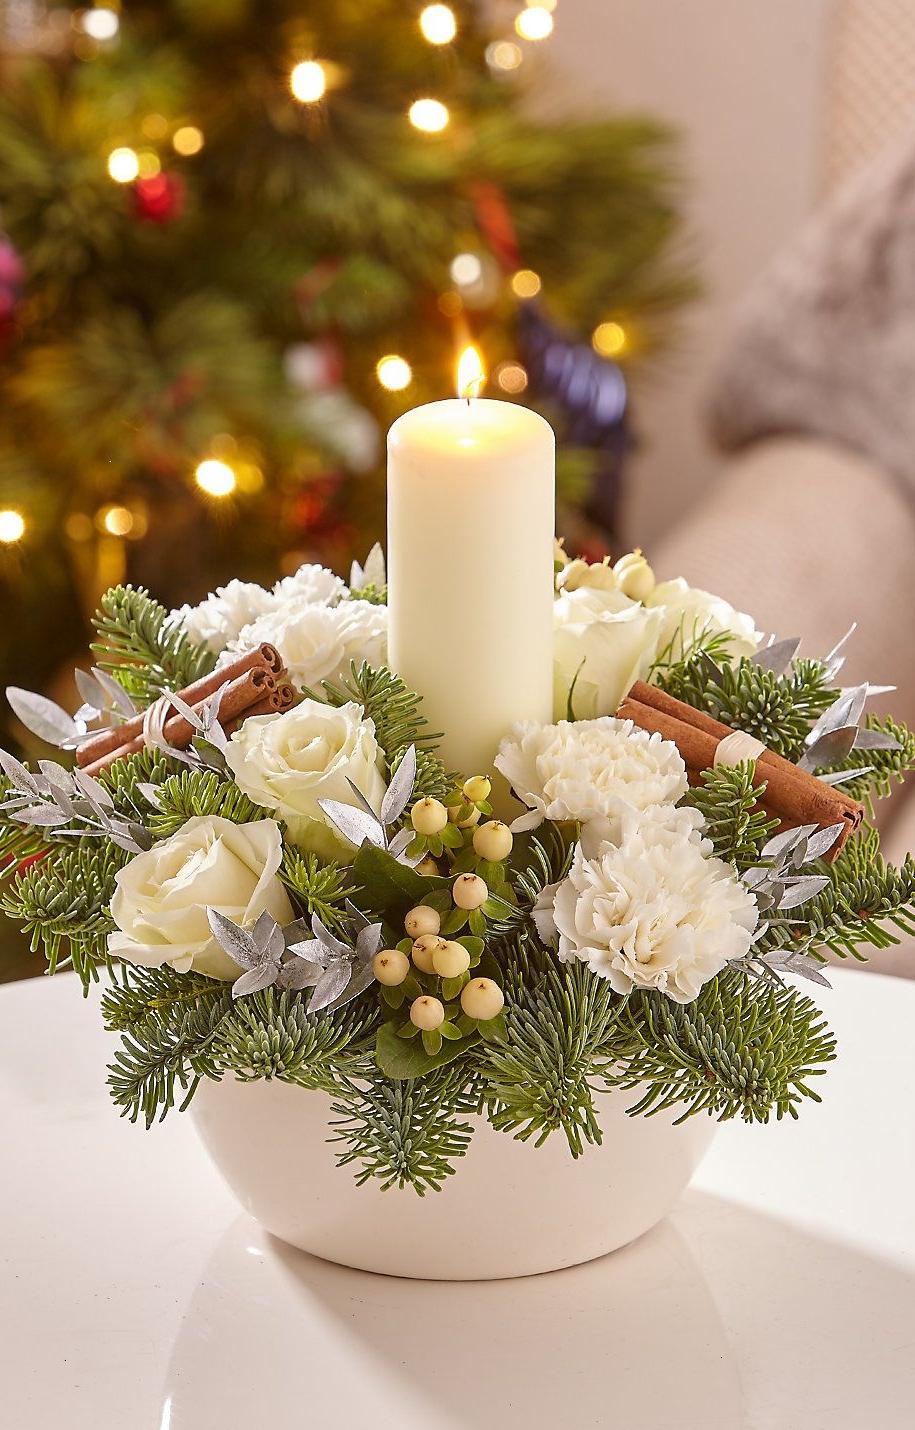 Композиція зі свічкою та білими квітами